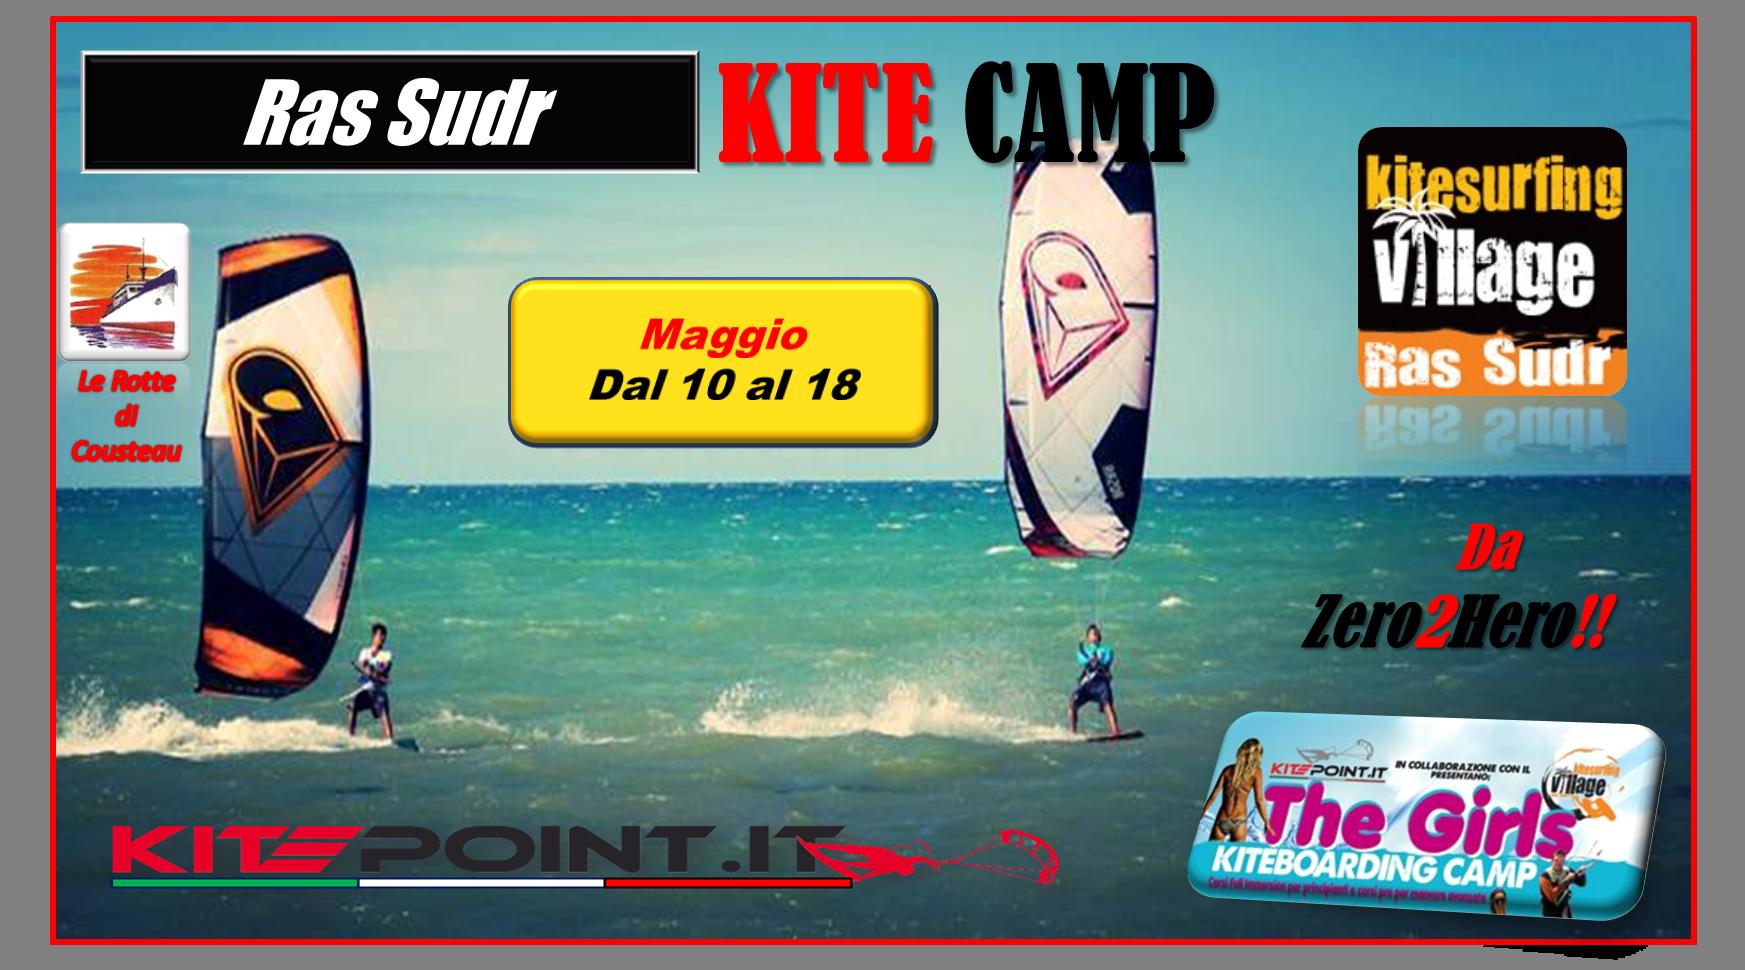 RAS SUDR KITE CAMP ... Zero2Hero!! Dal 10 al 18 maggio